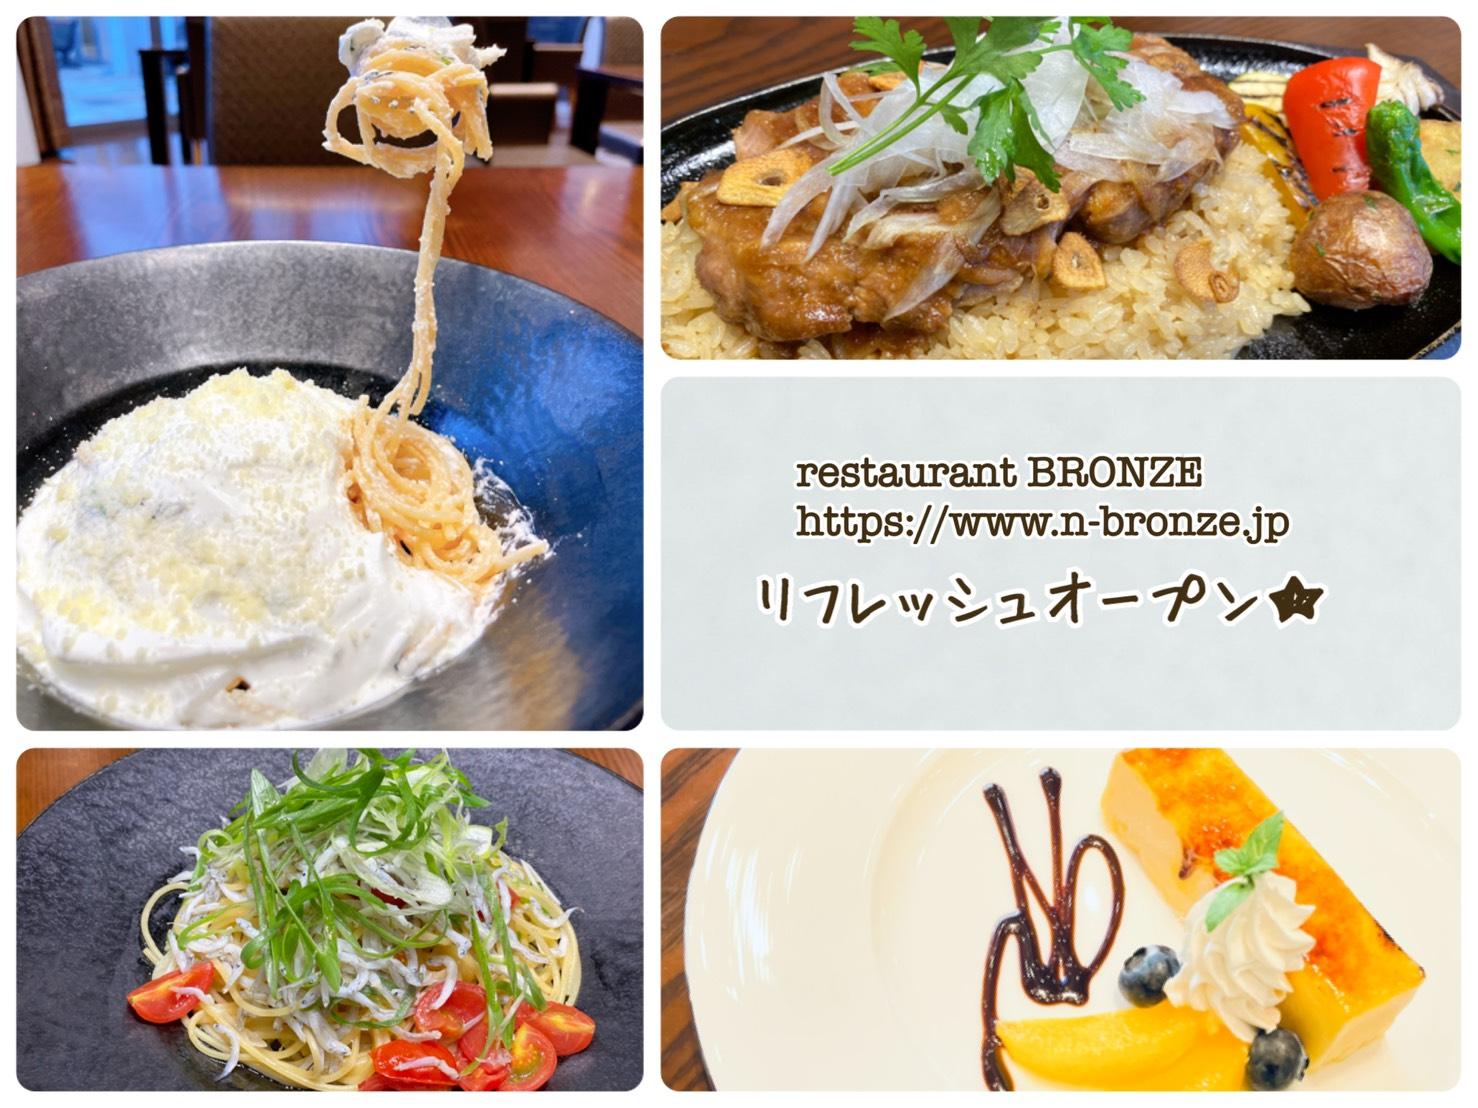 【レストランブロンズ】ランチメニューがリニューアルします【福島】